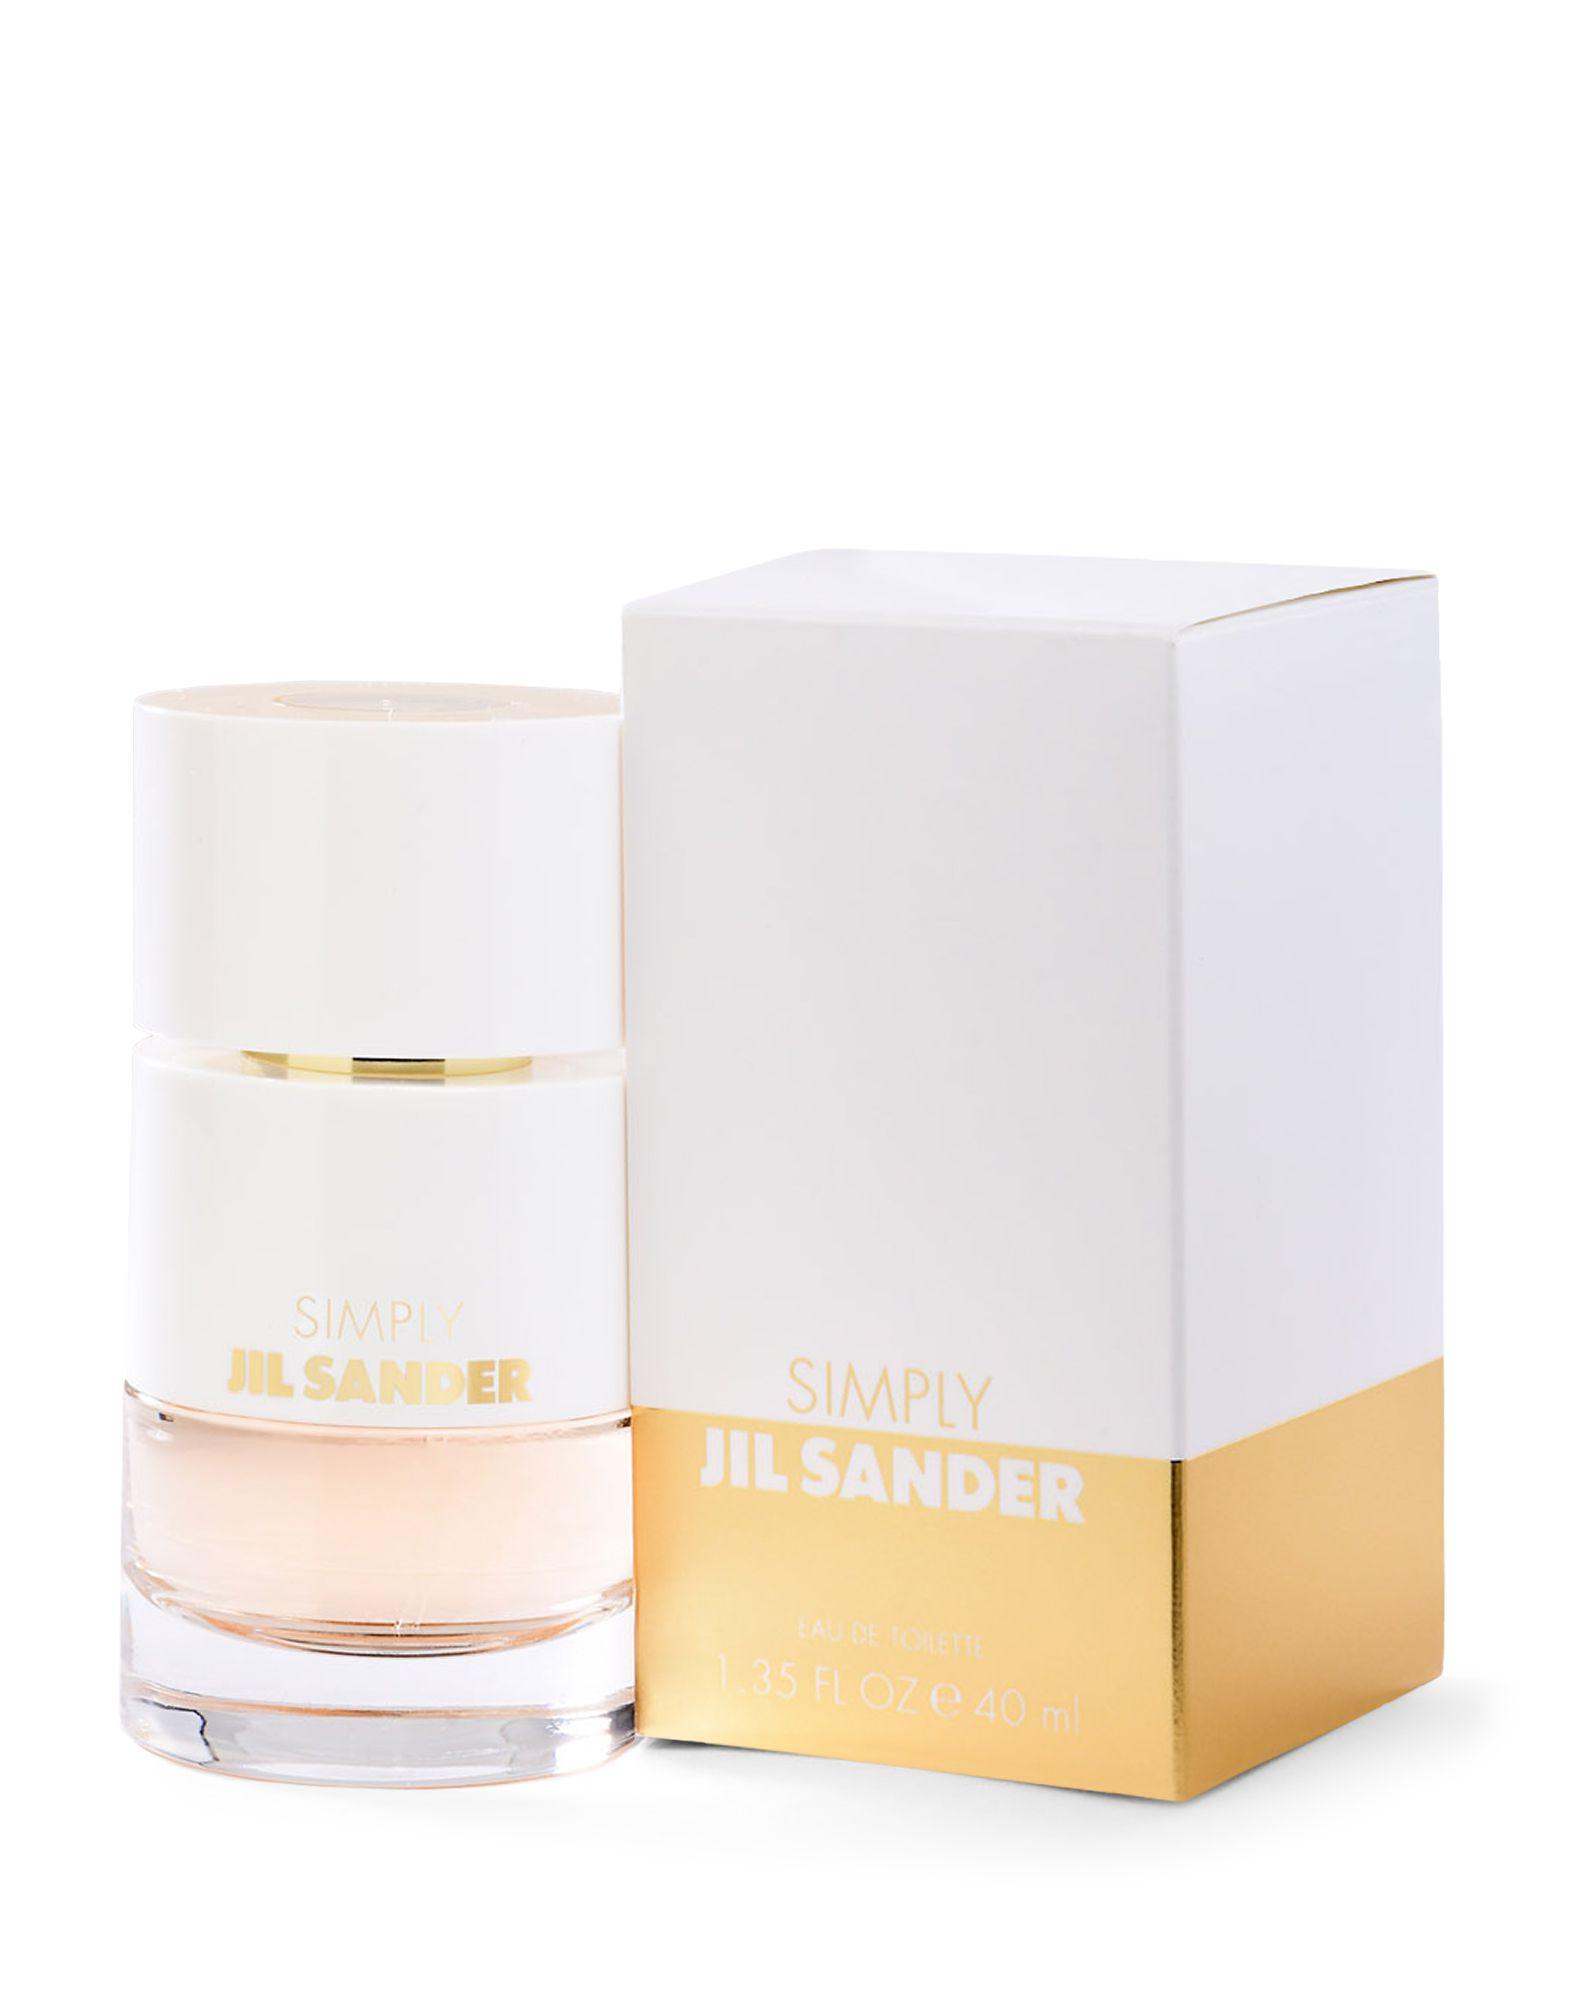 Simply - JIL SANDER Online Store